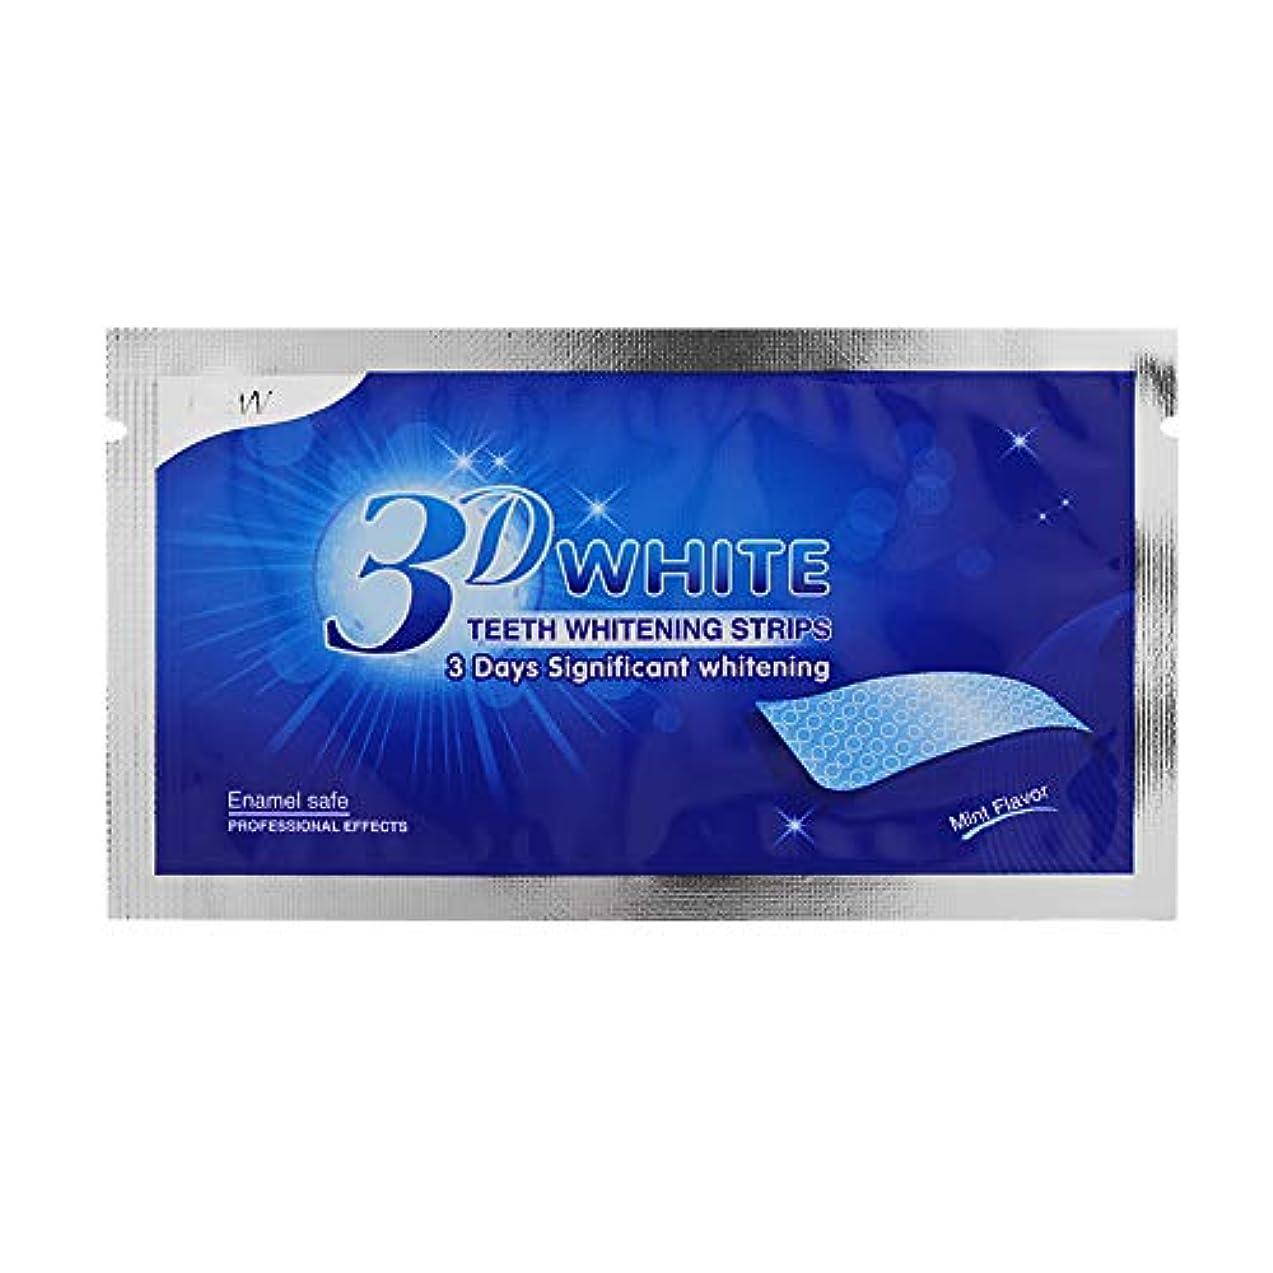 デジタル午後却下するDecdeal 歯美白ホワイトニング 1ピース 歯科ホワイトニングツール ホワイトニング 歯ケア テープ